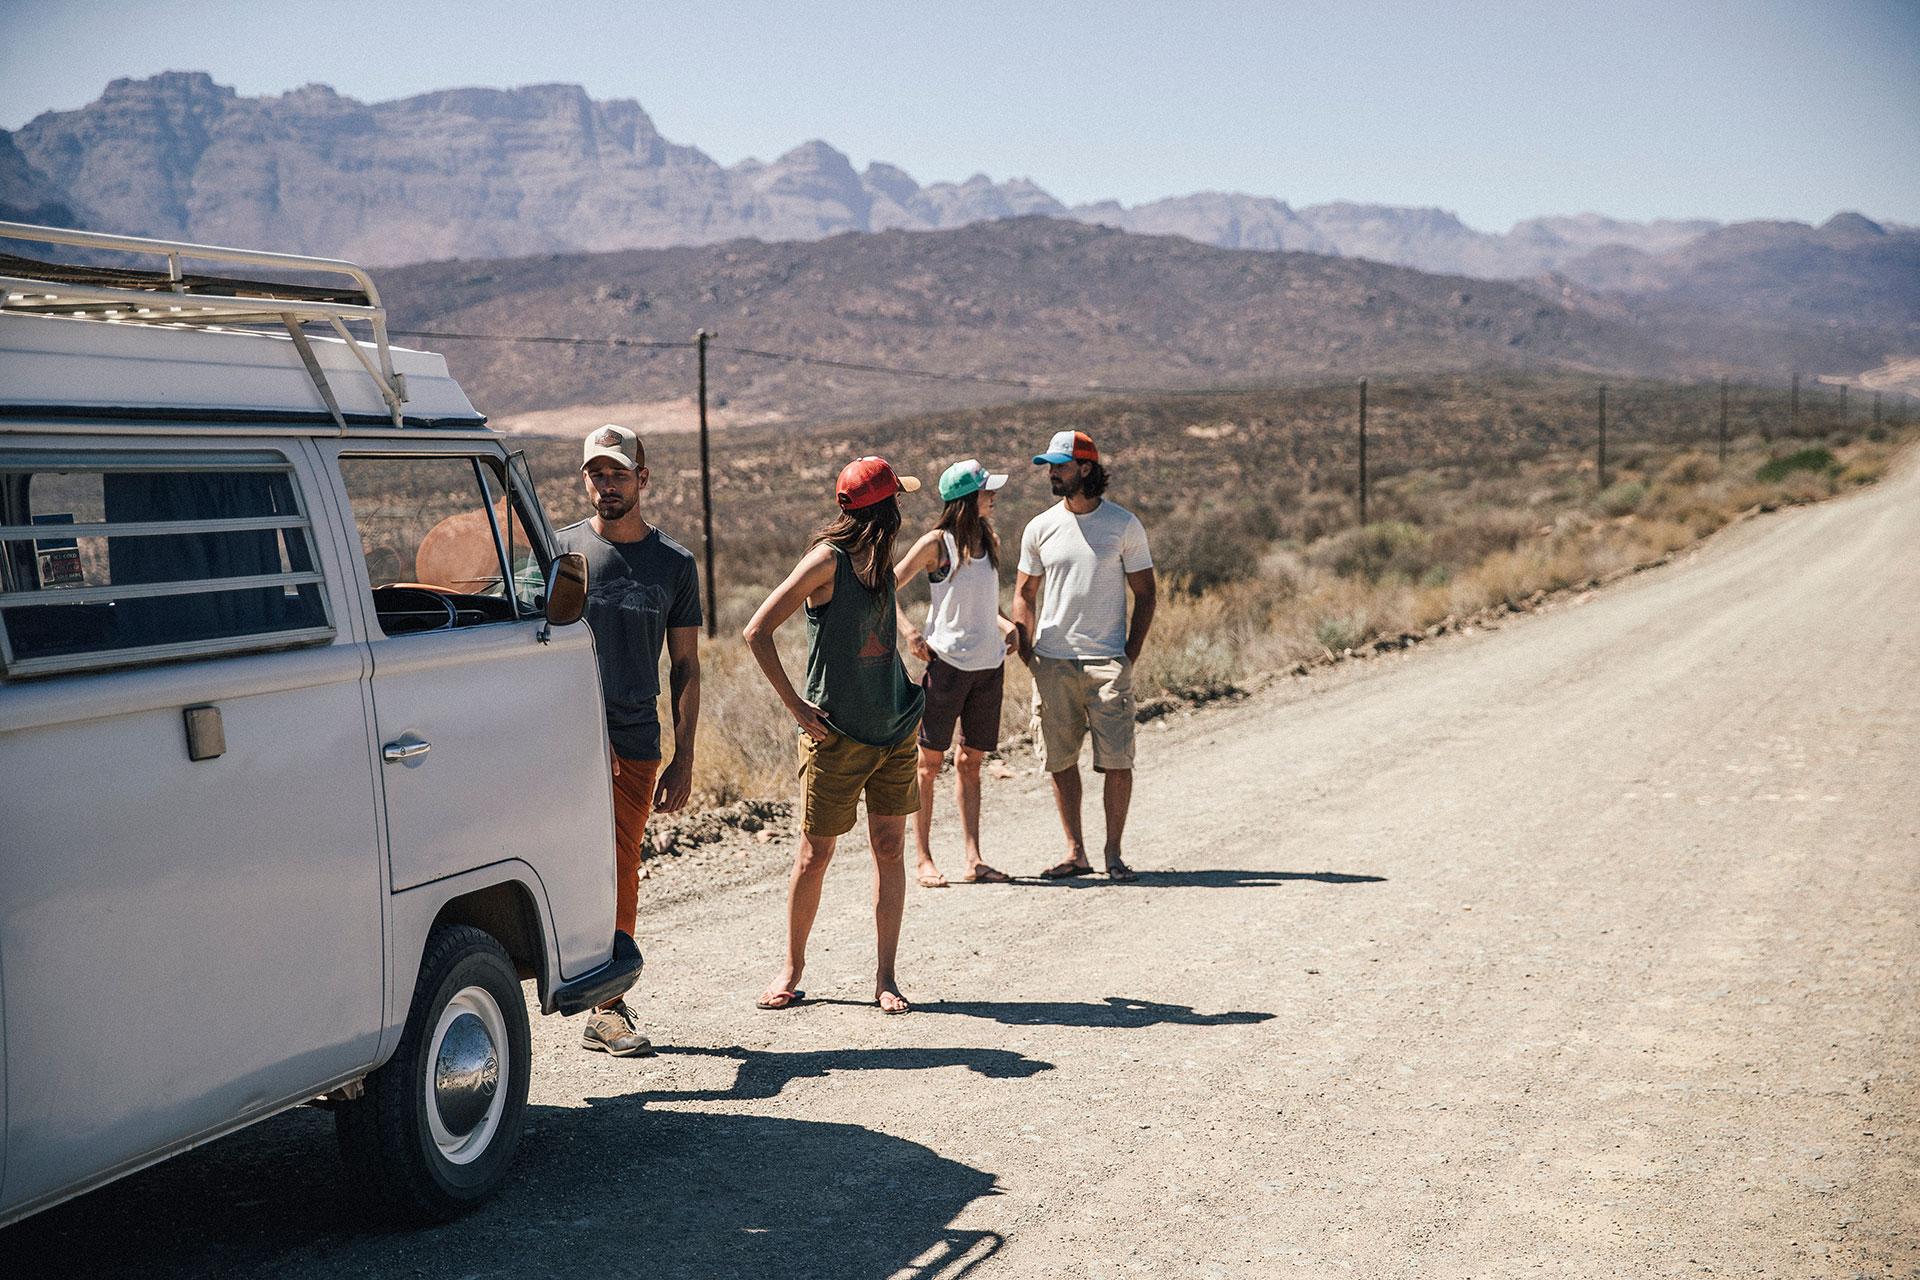 Roadtrip Lifestyle Klettern Vanlife Landschaft Bouldern Fotograf Michael Müller Südafrika